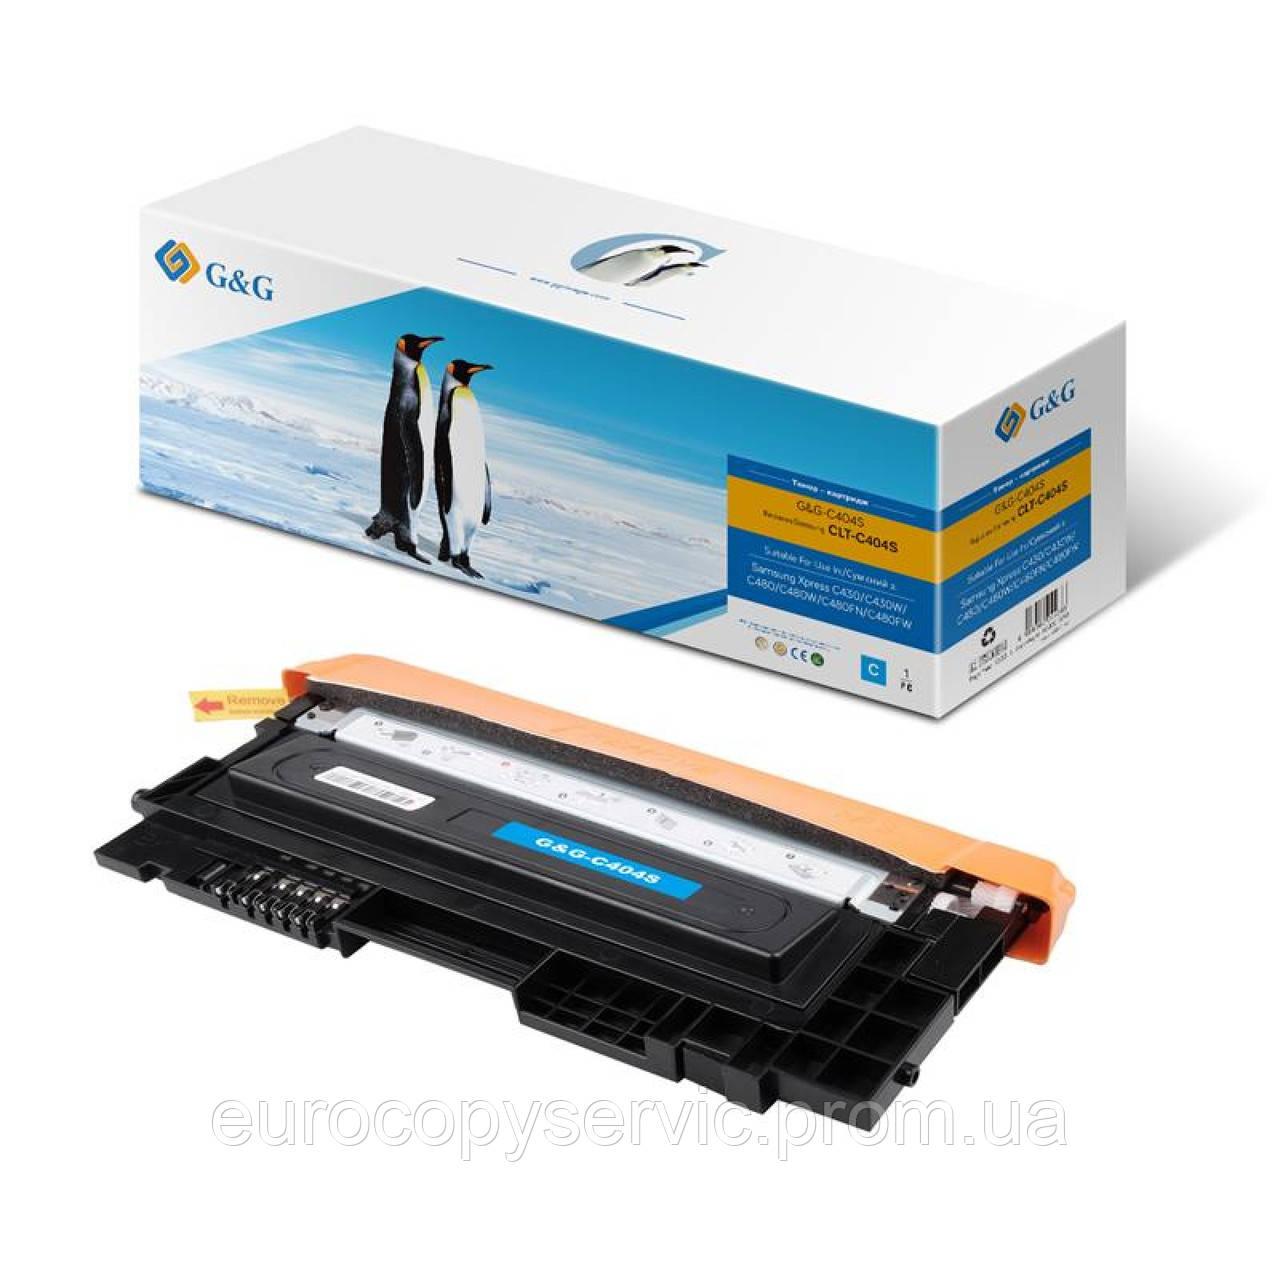 Картридж G&G для Samsung C430/C430W,C480/C480W/ C480FN Cyan